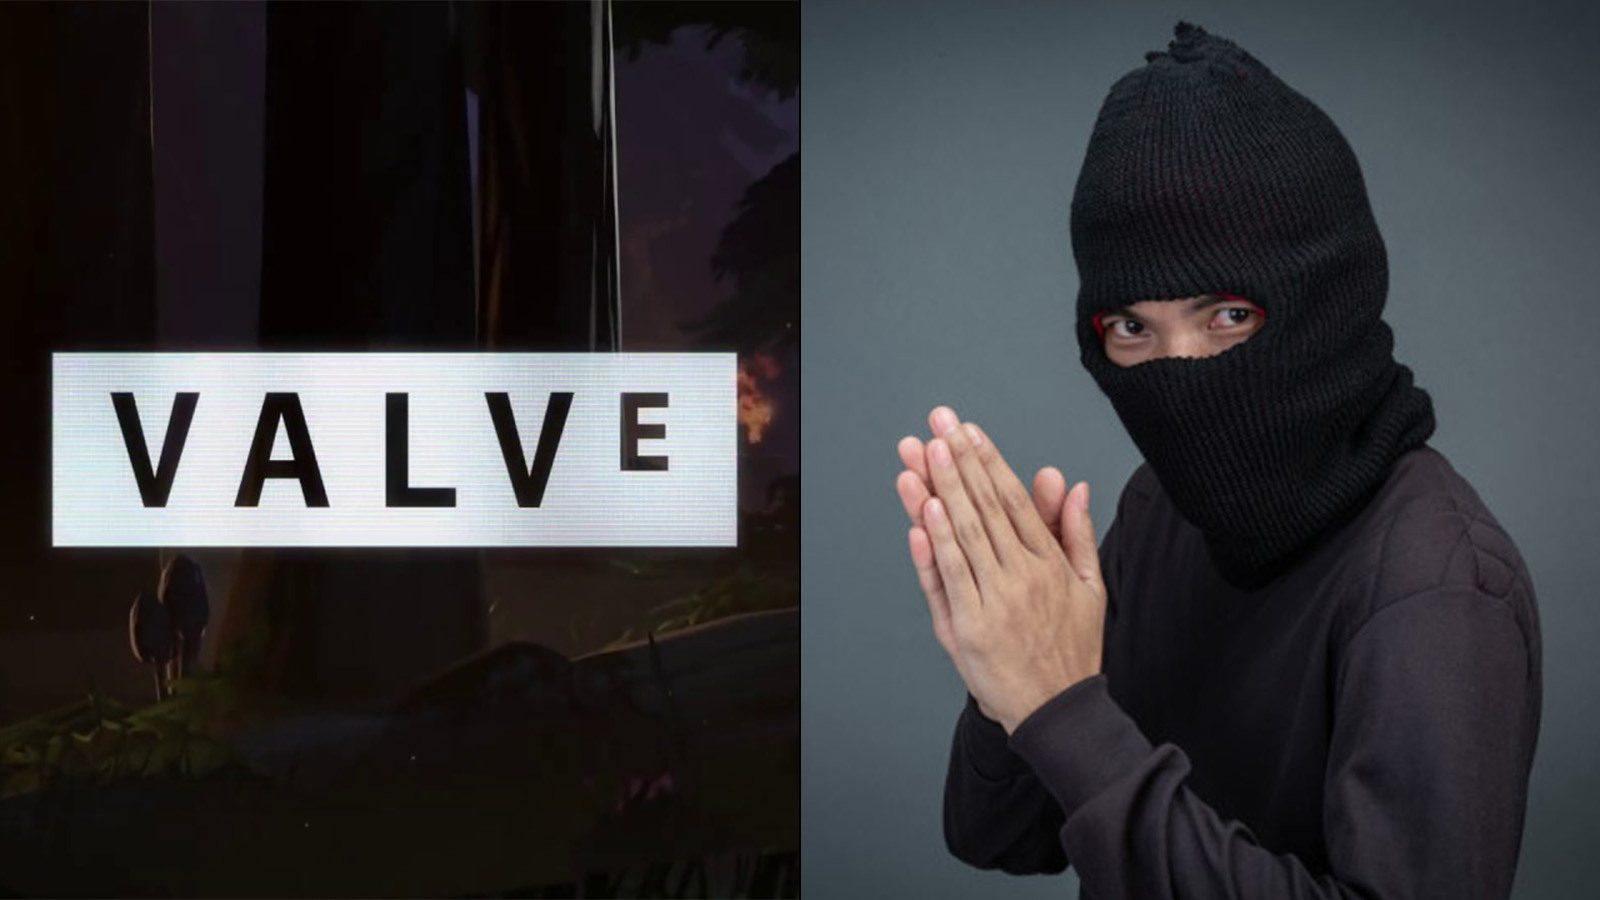 一男子闯入V社总部,偷取价值4万美元的设备及游戏